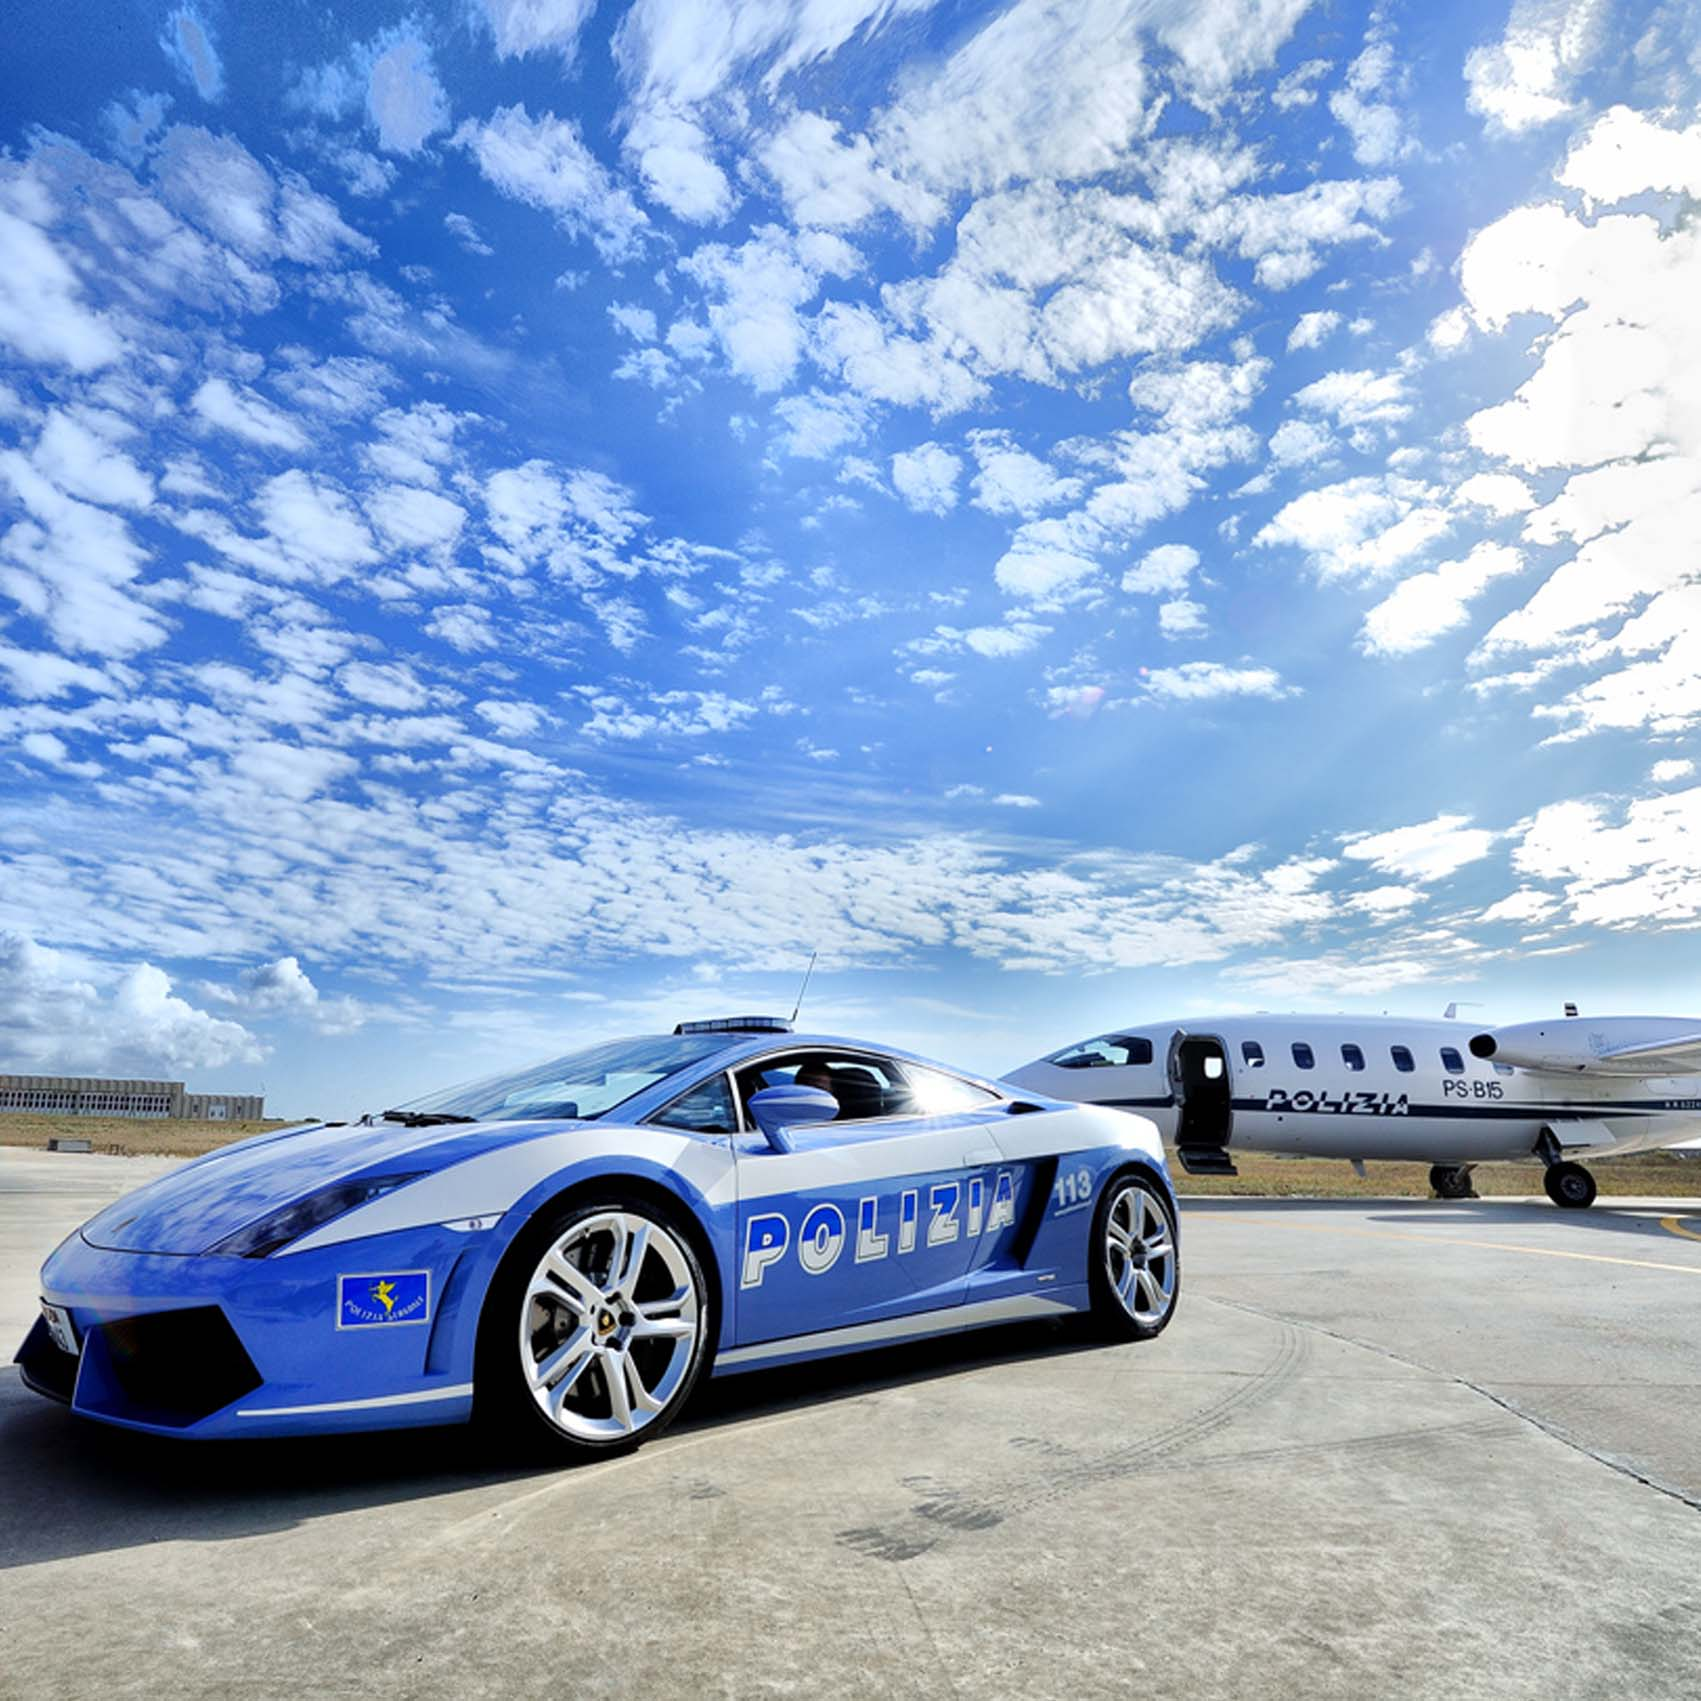 Elicottero Lamborghini : ° anniversario della polizia stradale le foto dal